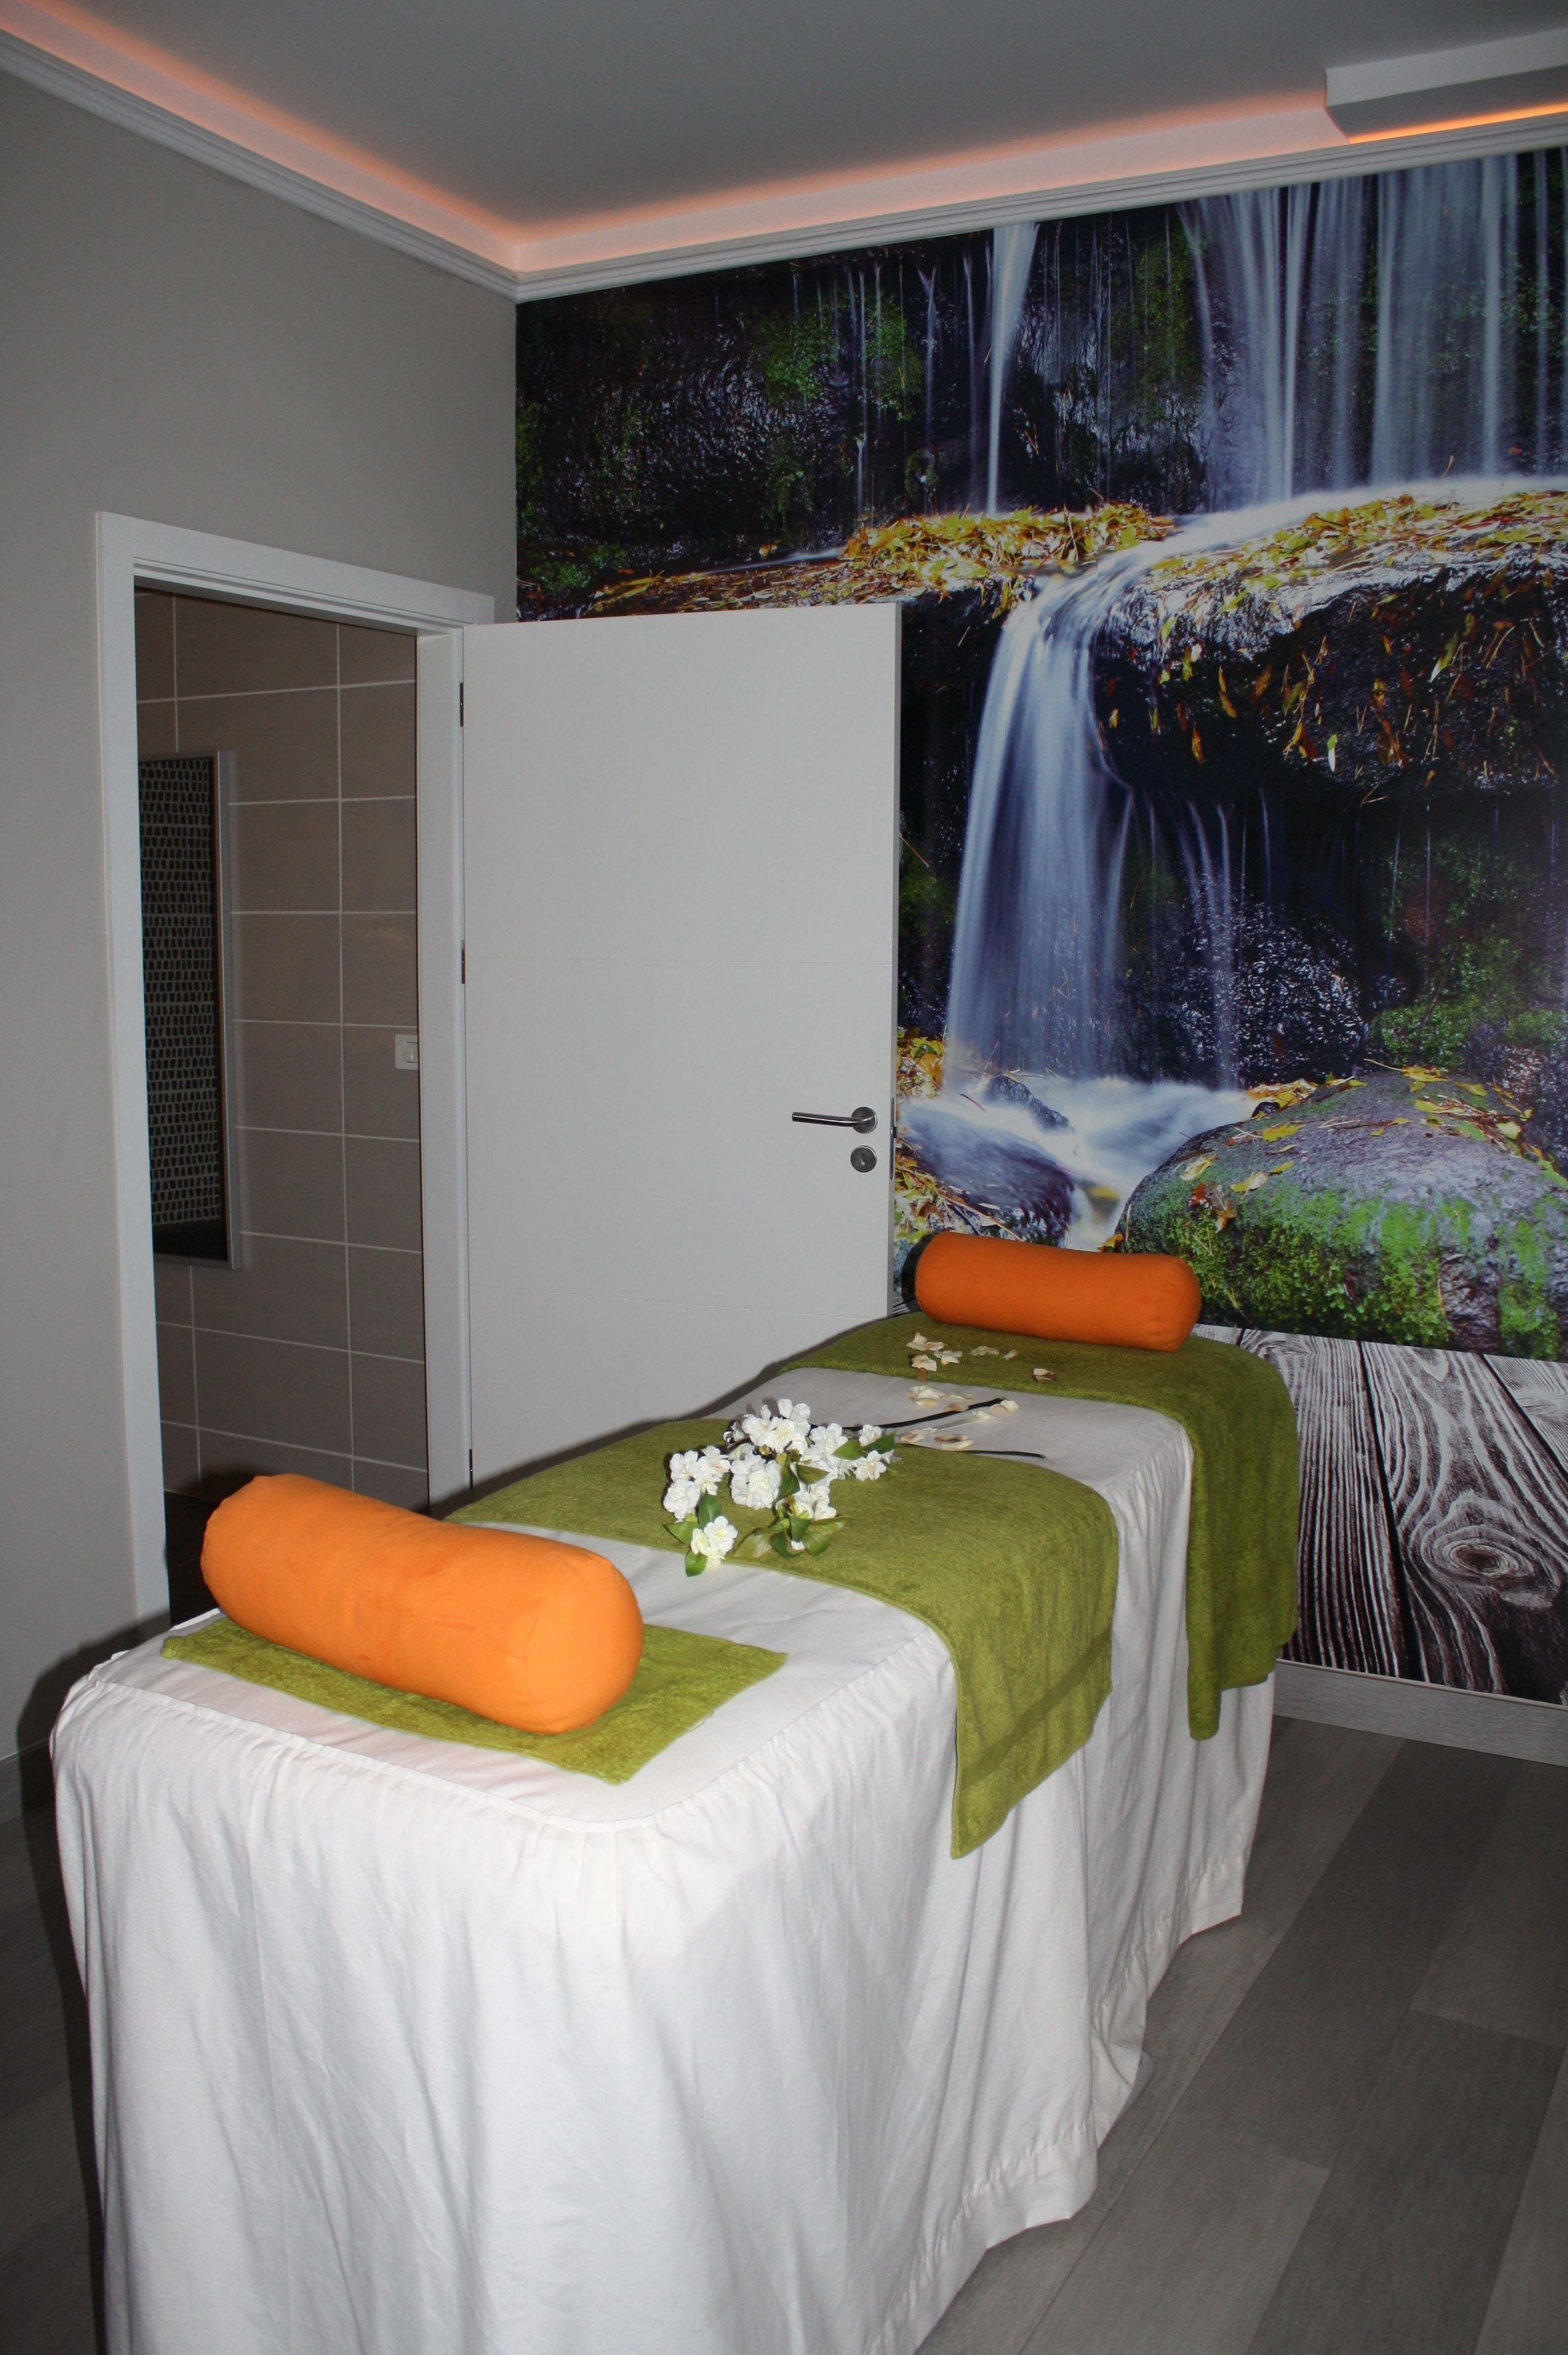 Mobiliario especializado para centros de salud y belleza